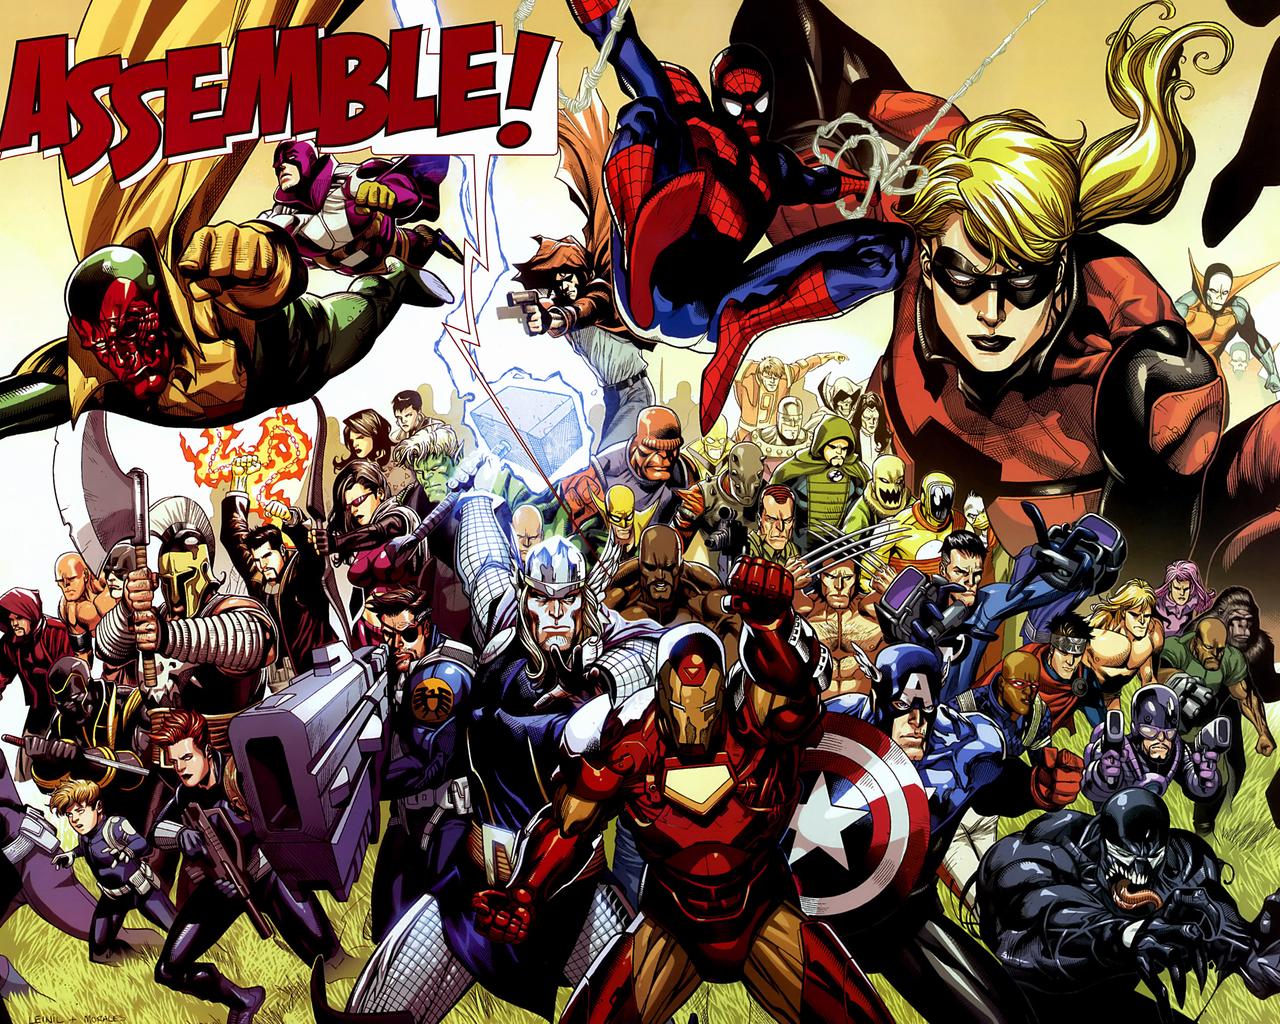 Avengers-wallpaper-3